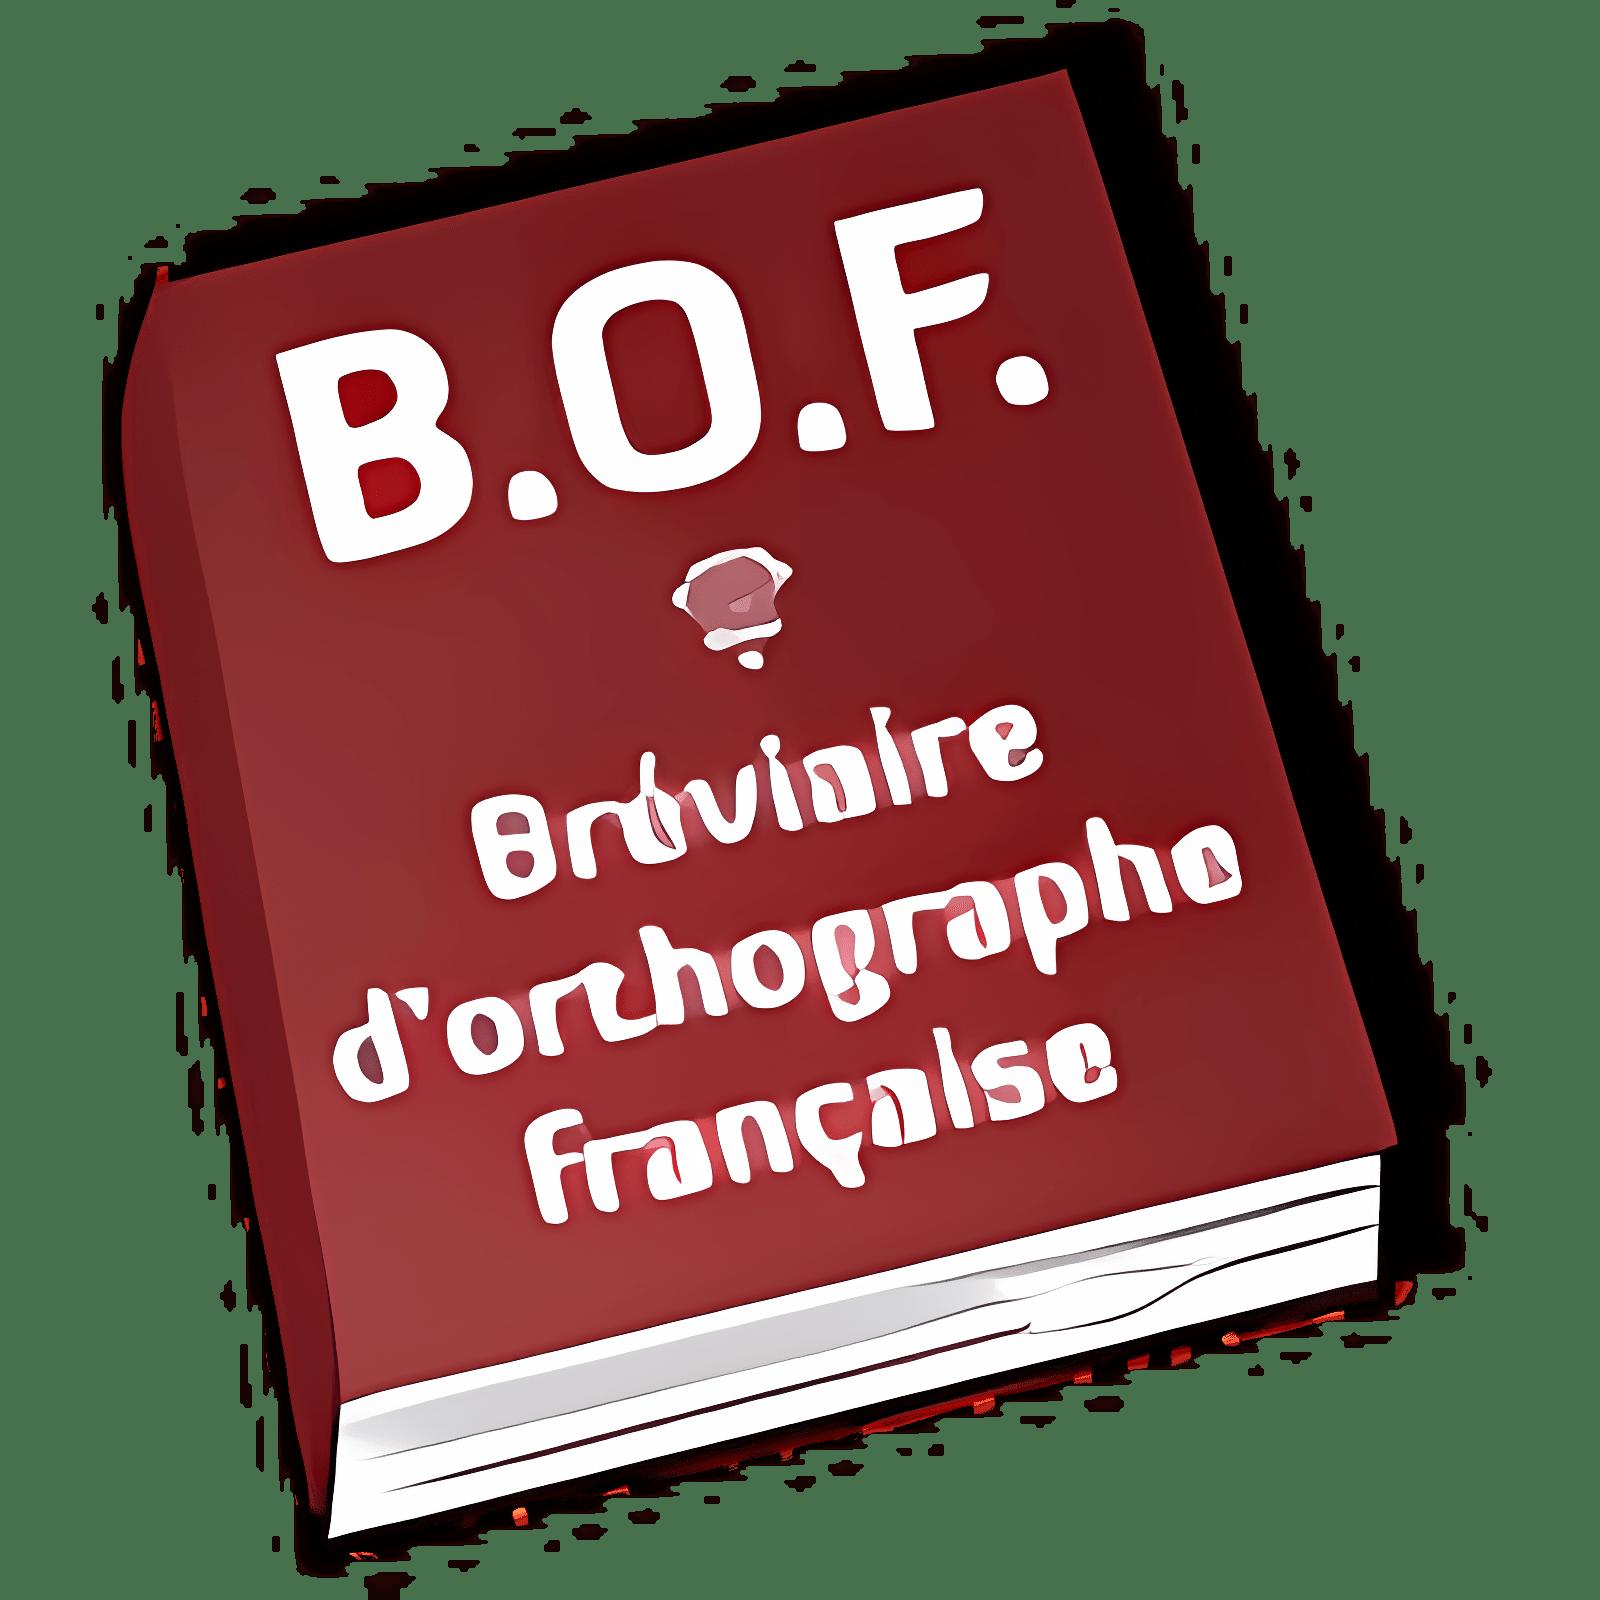 Bréviaire d'orthographe française